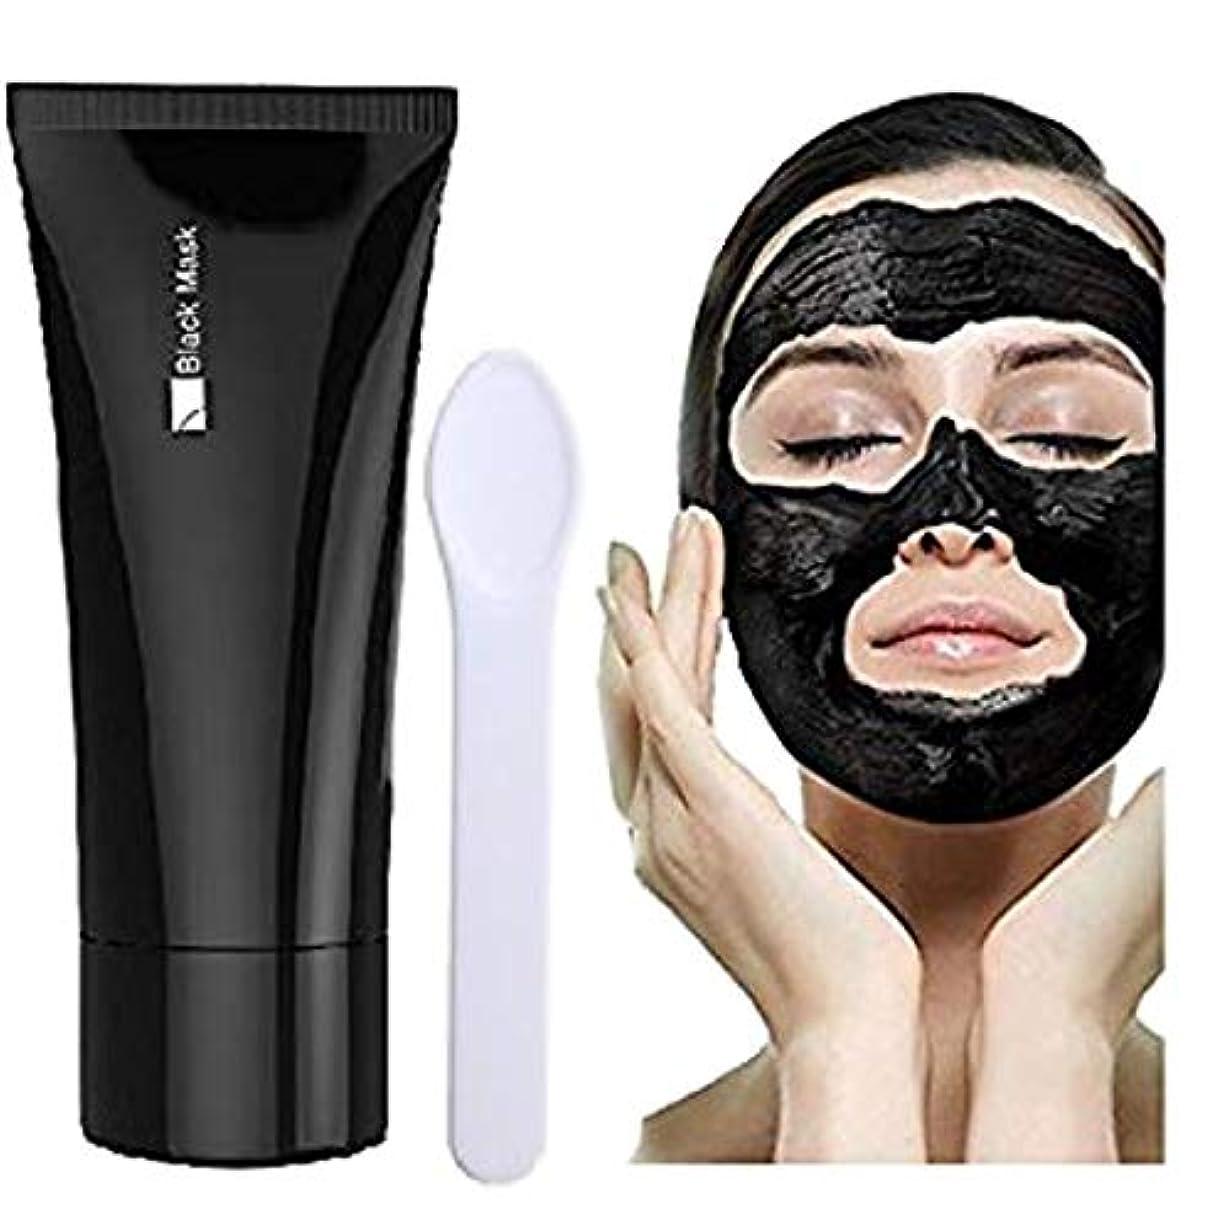 繊毛動く拡声器Blackhead Remover Mask, Black Forest Spa-Peel Off Black Head Acne Treatments,Face Cleaning Mask+Spoon